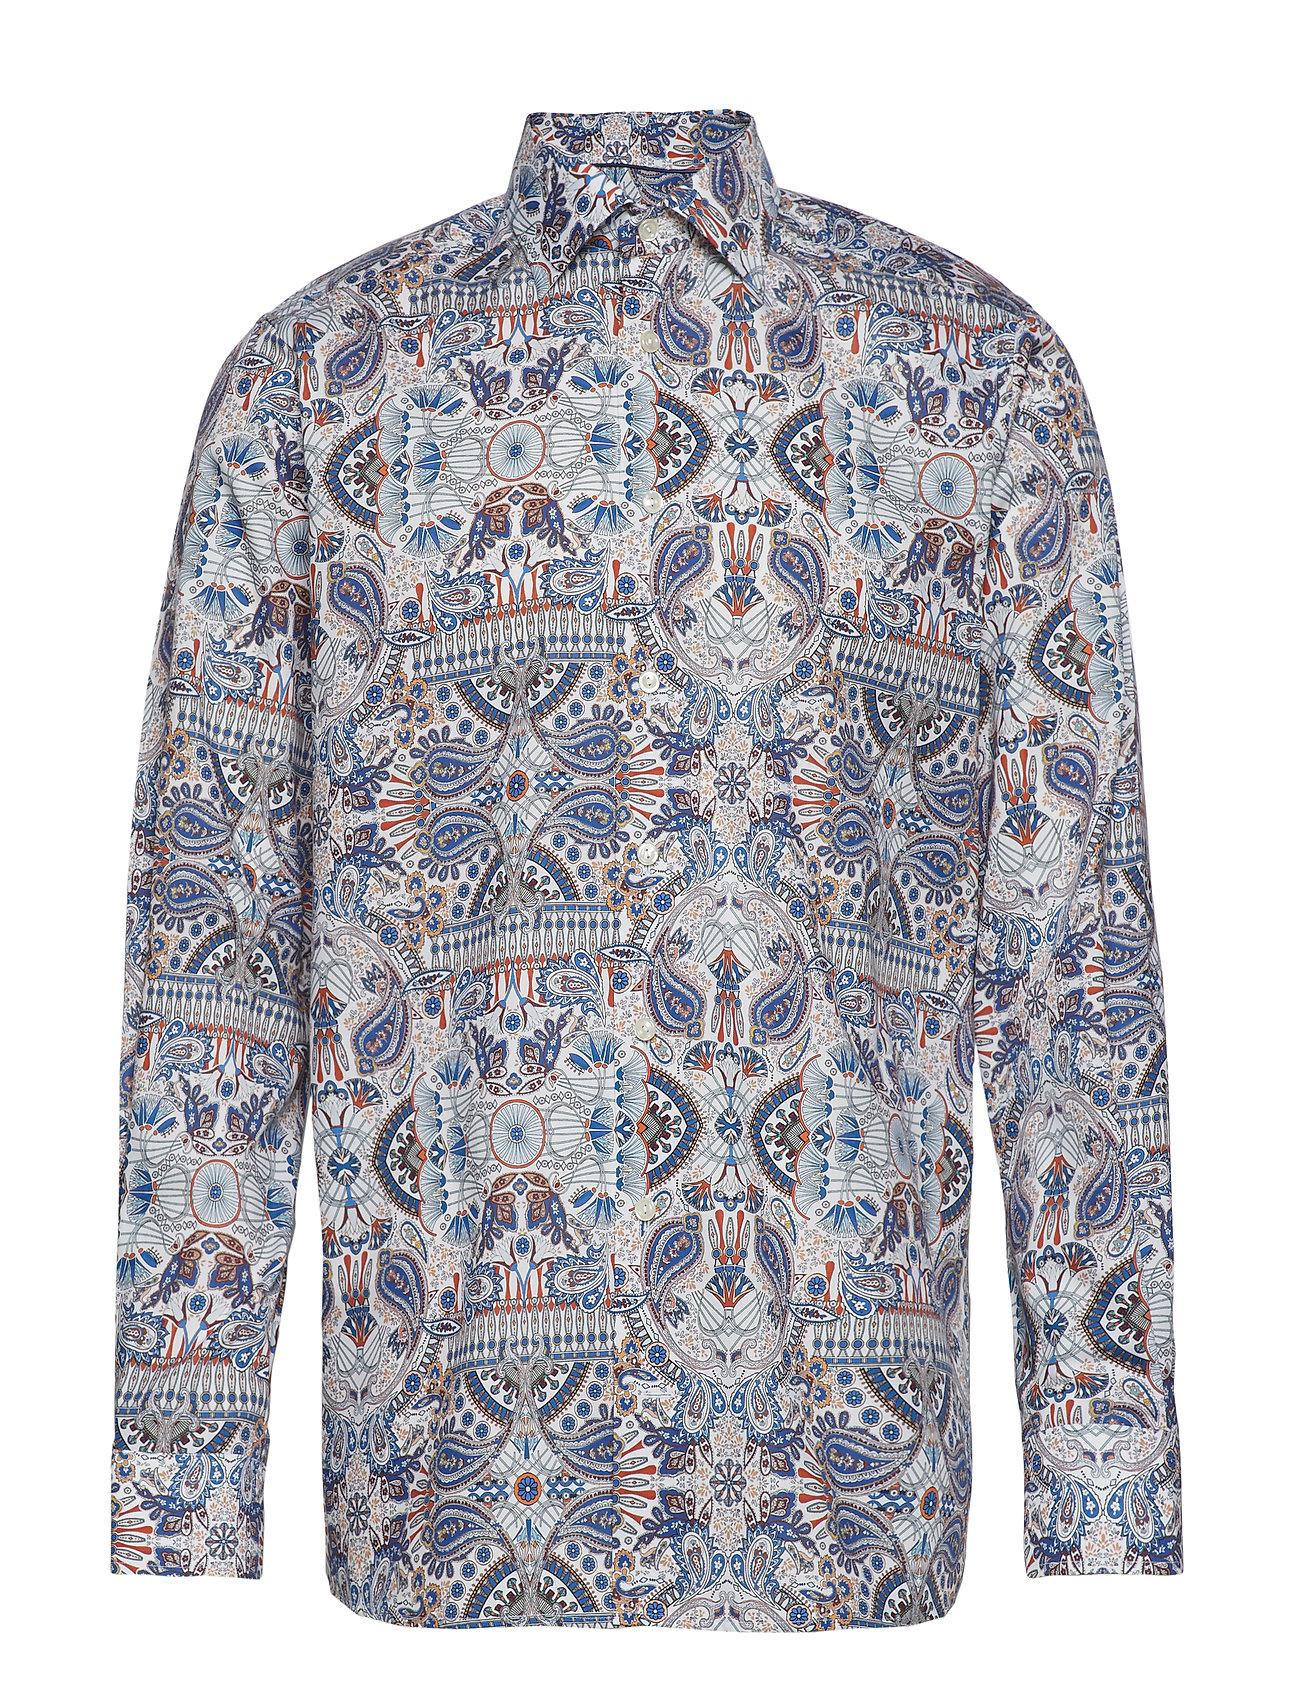 Ancient Shirtpink redEton Paisley Print Twill CrdoexWB